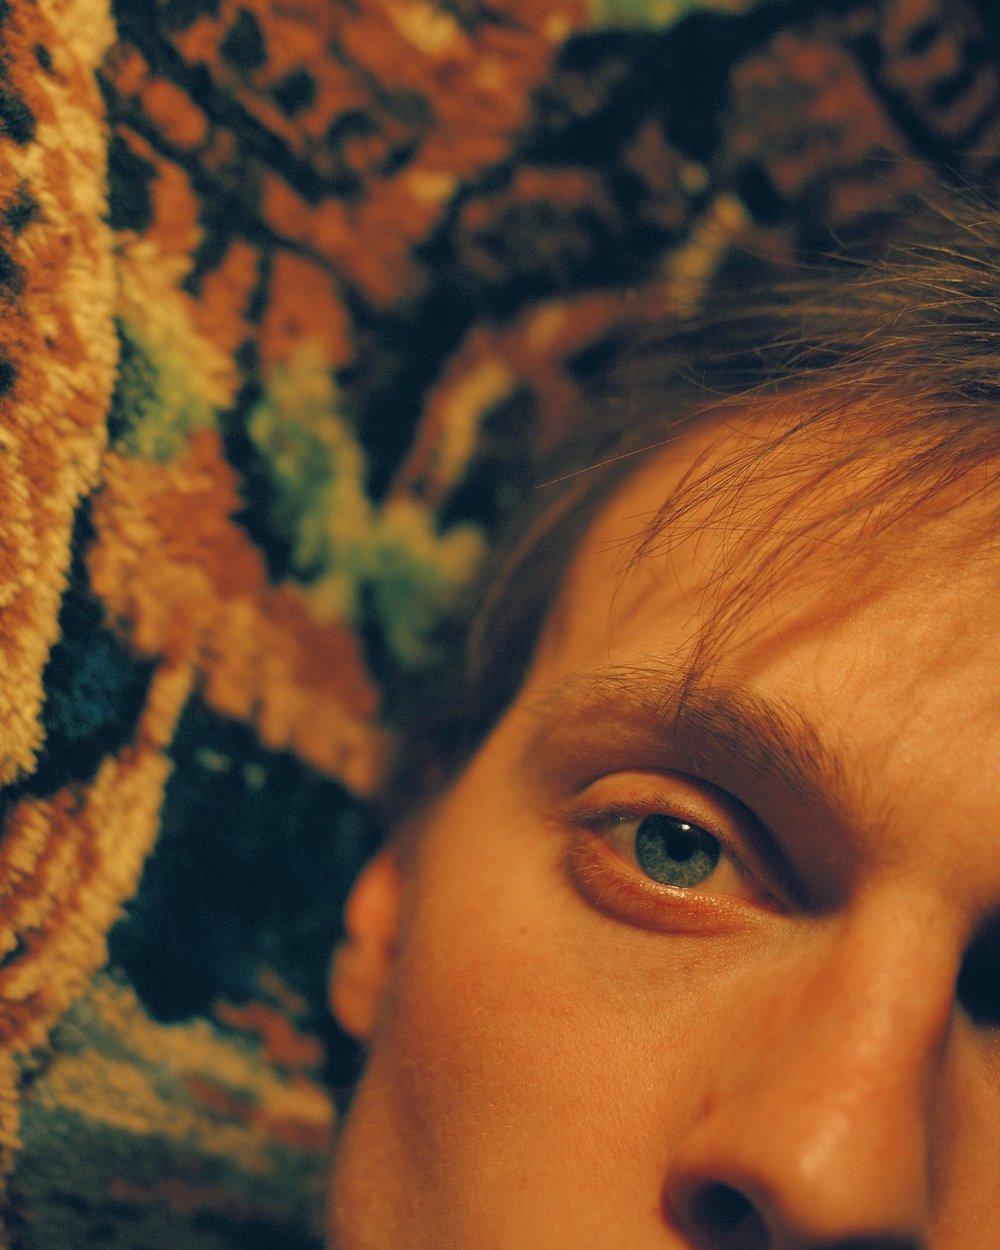 022-graham-Edit.jpg